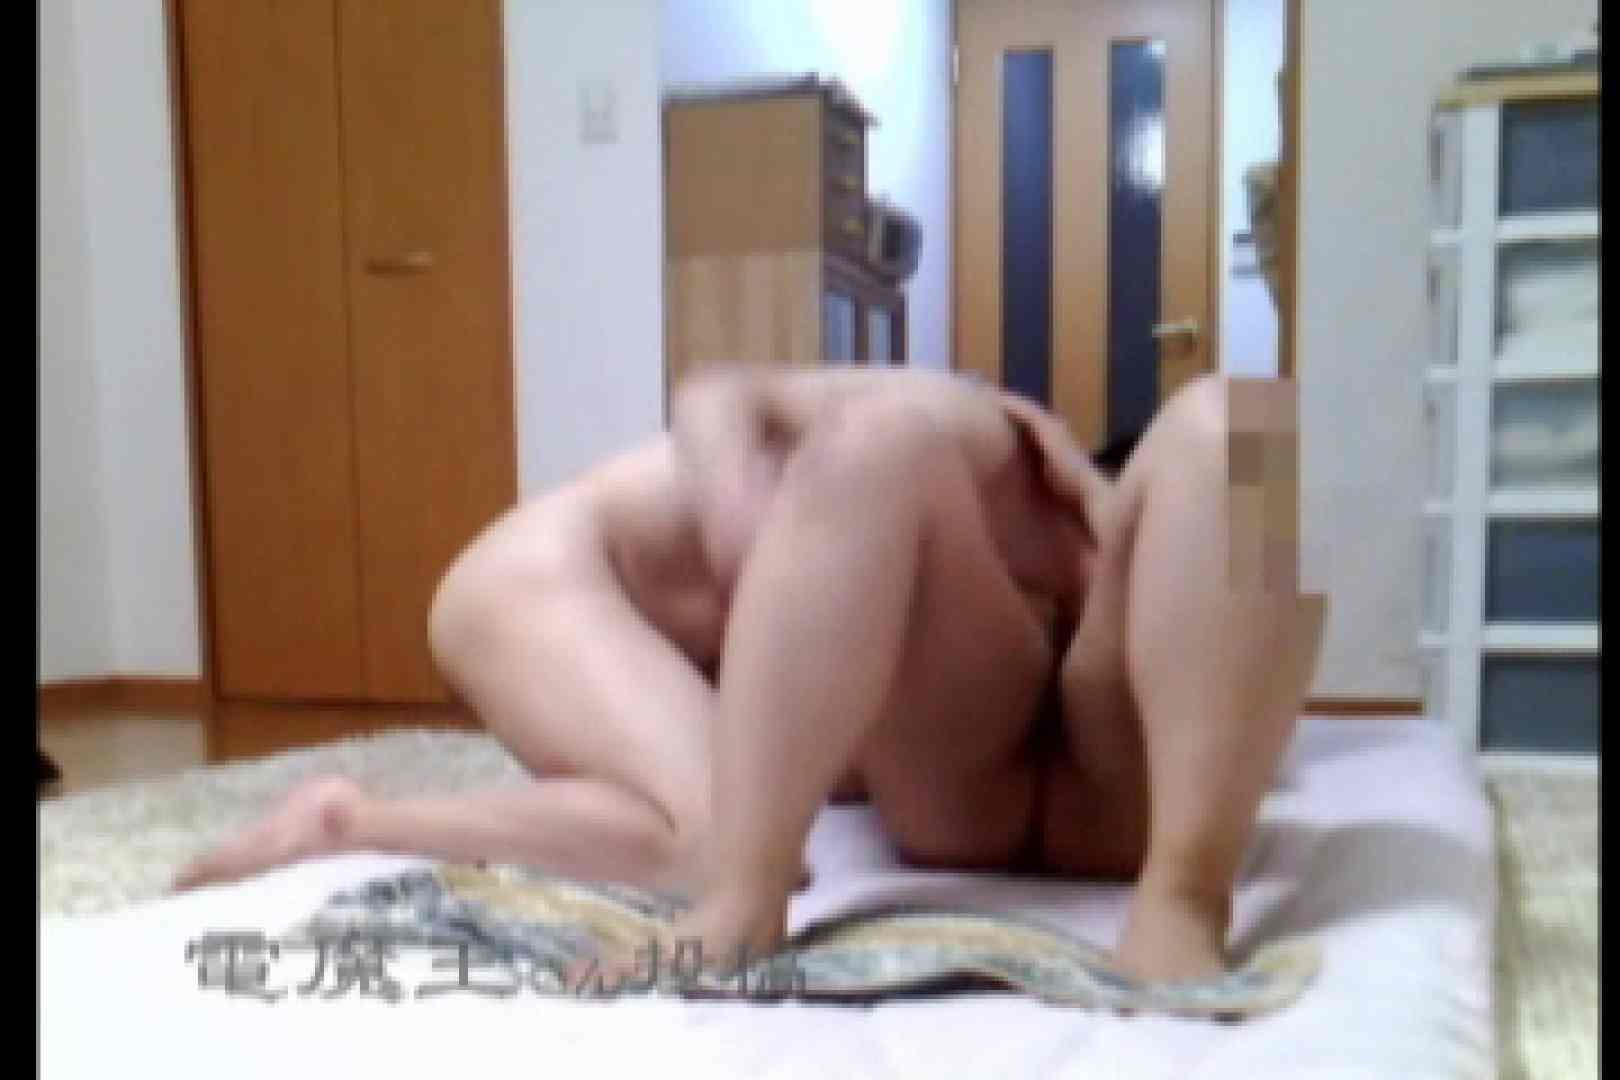 電魔王さんの「隠撮の部屋」アユ ポチャ  109pic 104